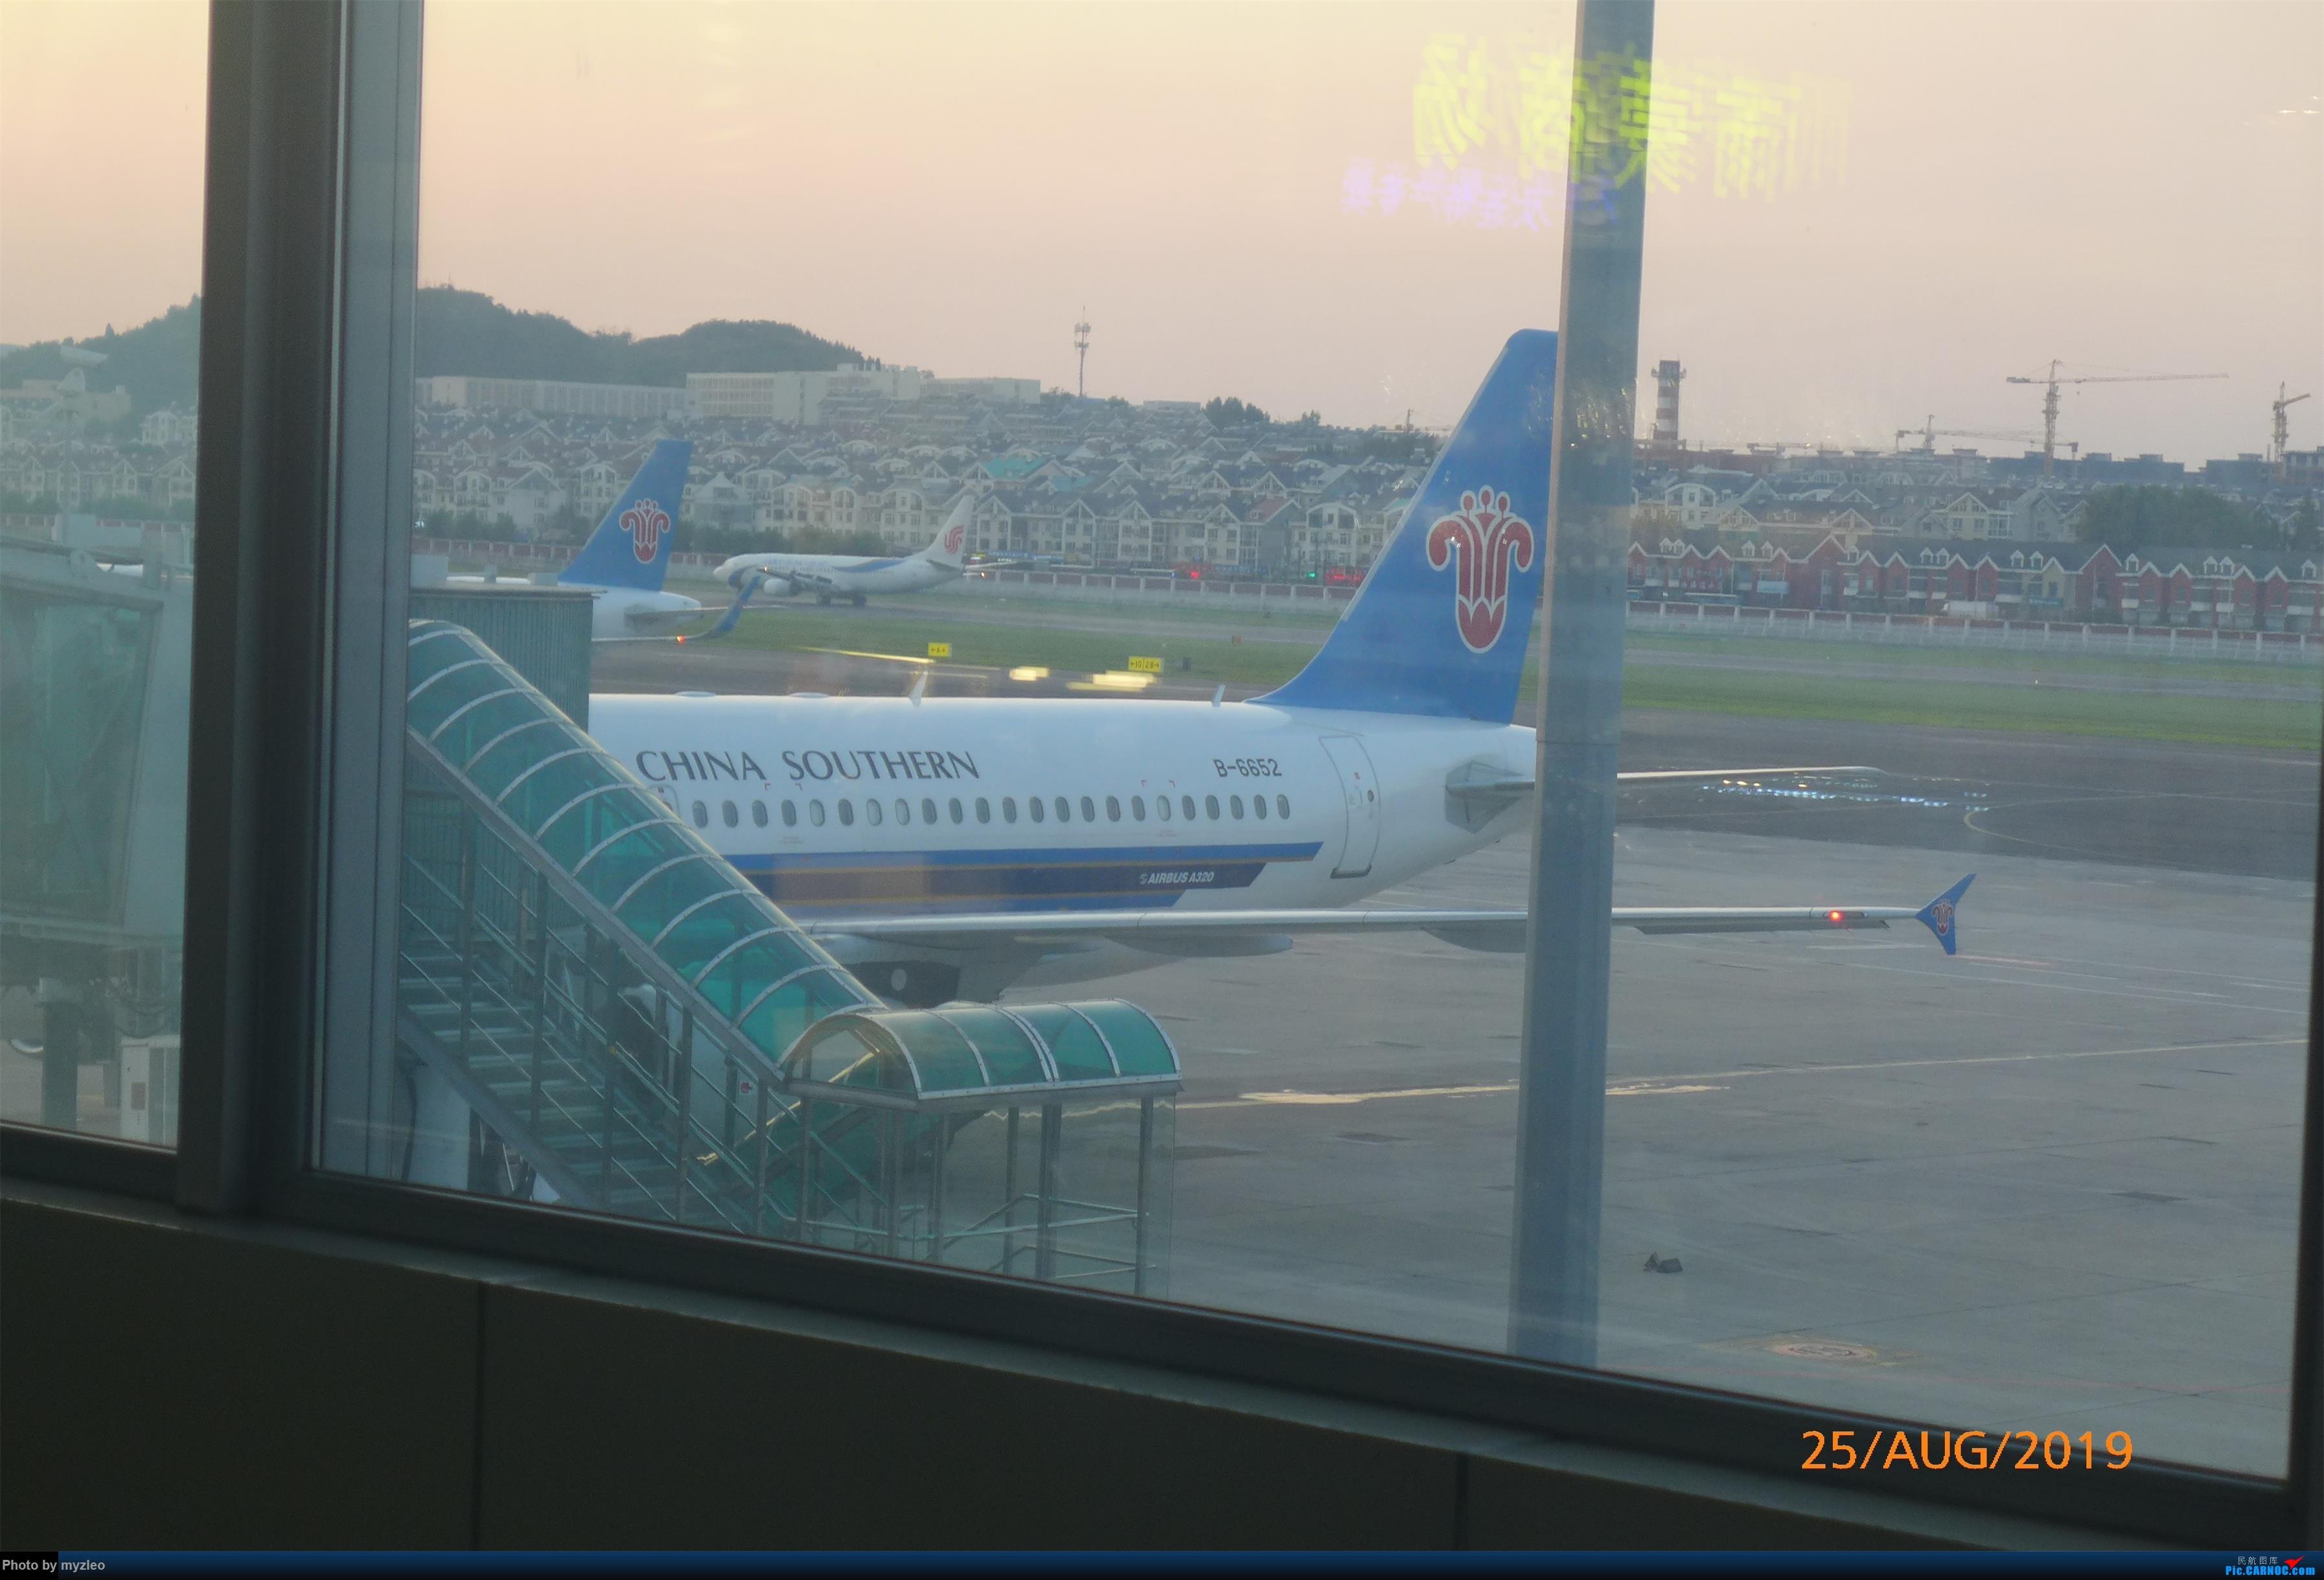 Re:[原创]【myzleo的游记5.3】在大连各景点穿梭不停,坐东航319返回上海 AIRBUS A320-200 B-6652 中国大连国际机场